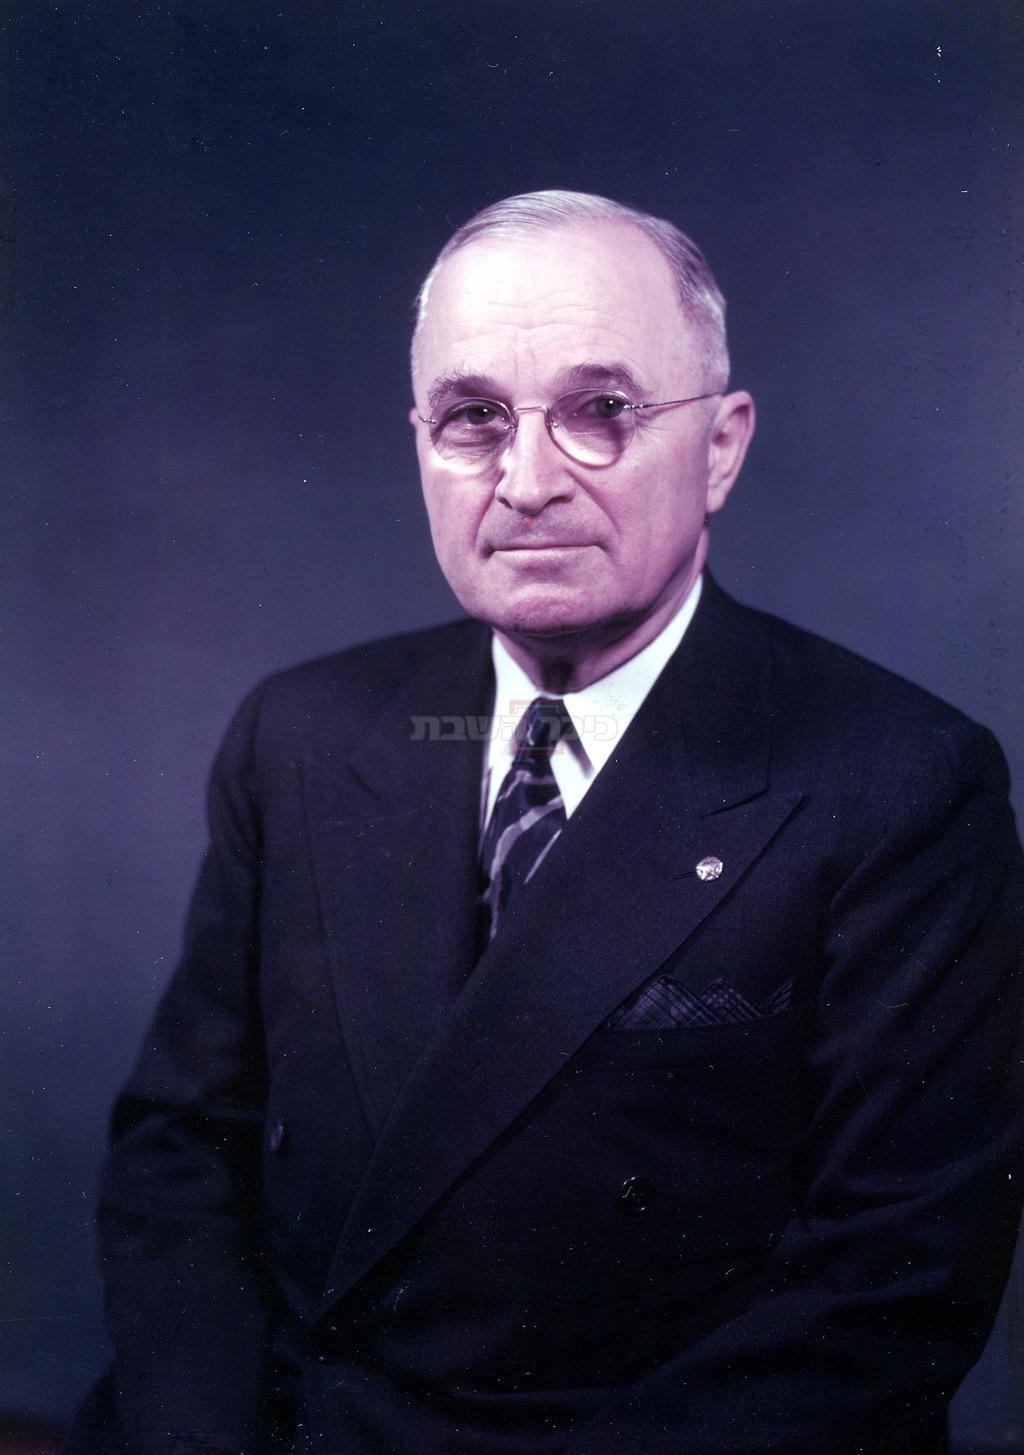 דיוקן רשמי של הנשיא הארי טרומן (צילום: הארכיון הלאומי ומינהל הרשומות, משרד הספריות הנשיאותיות)